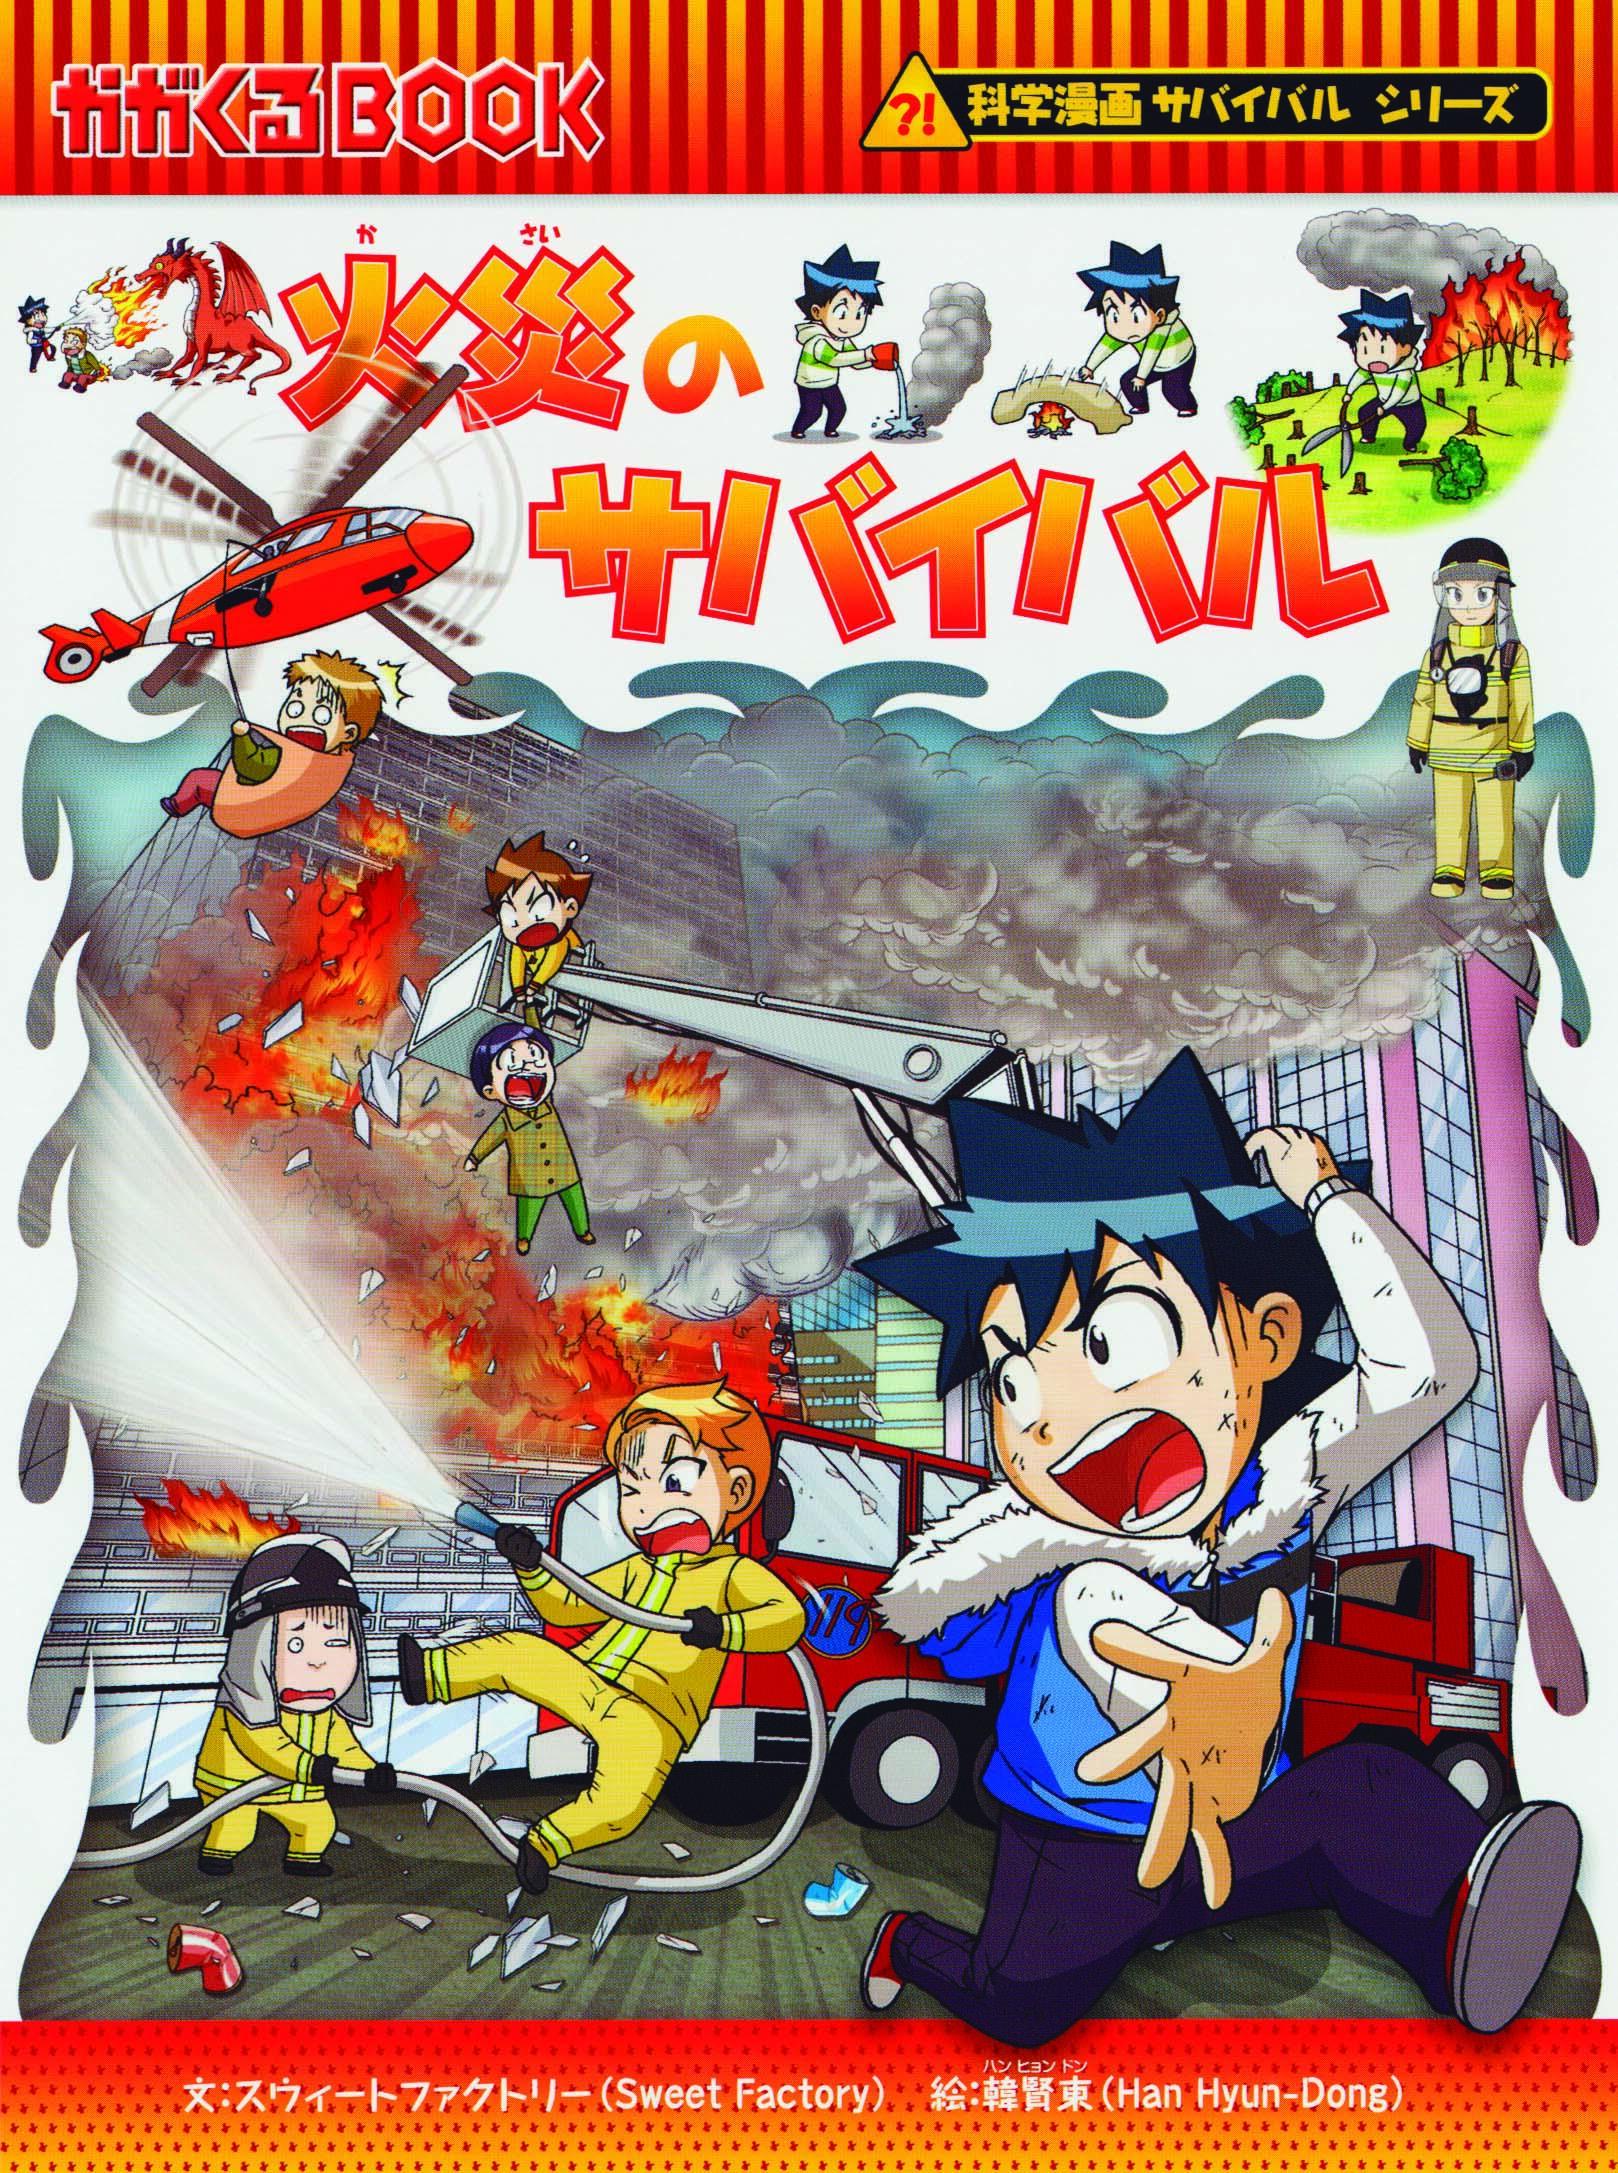 「科学漫画サバイバル」シリーズ/「火災のサバイバル」